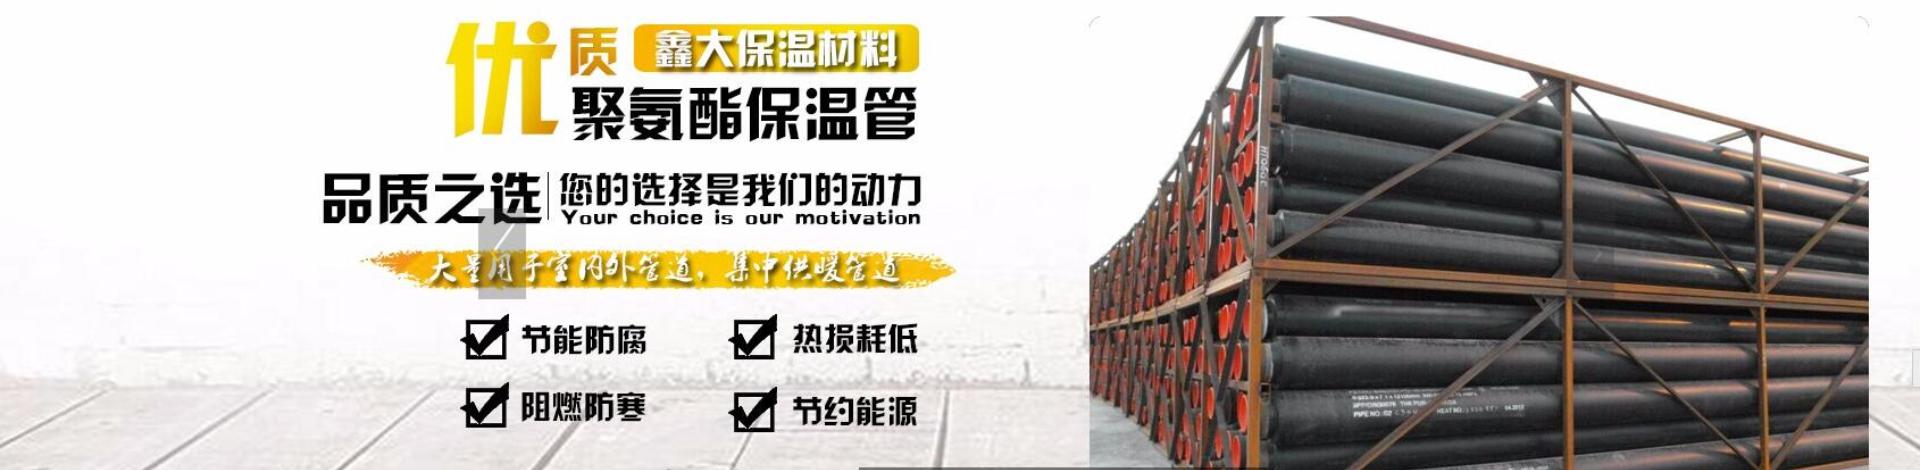 廊坊鑫大保温材料有限公司